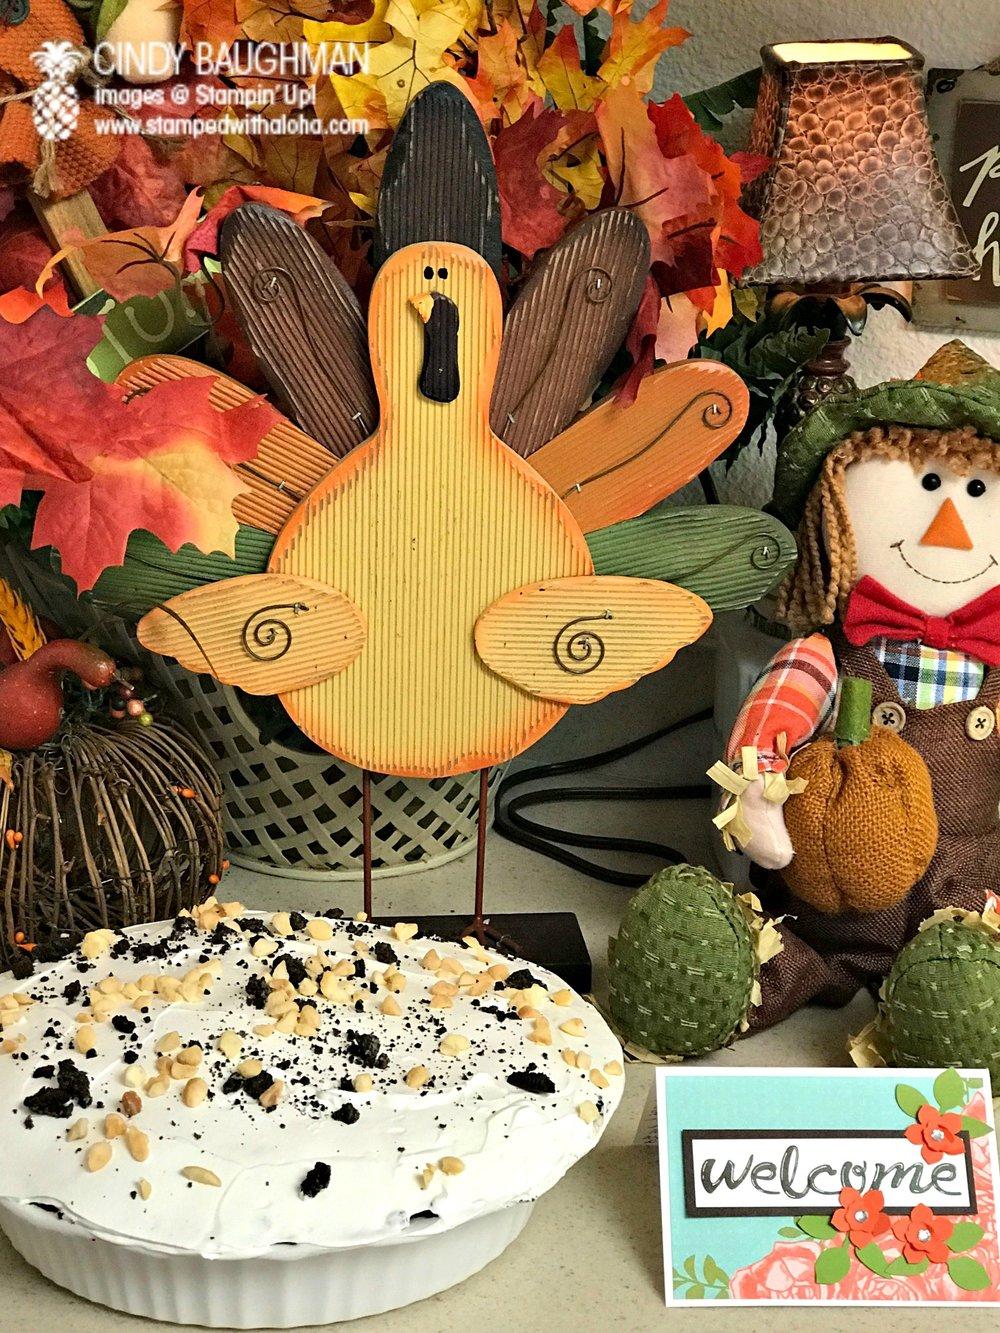 Mud Pie - www.stampedwithaloha.com